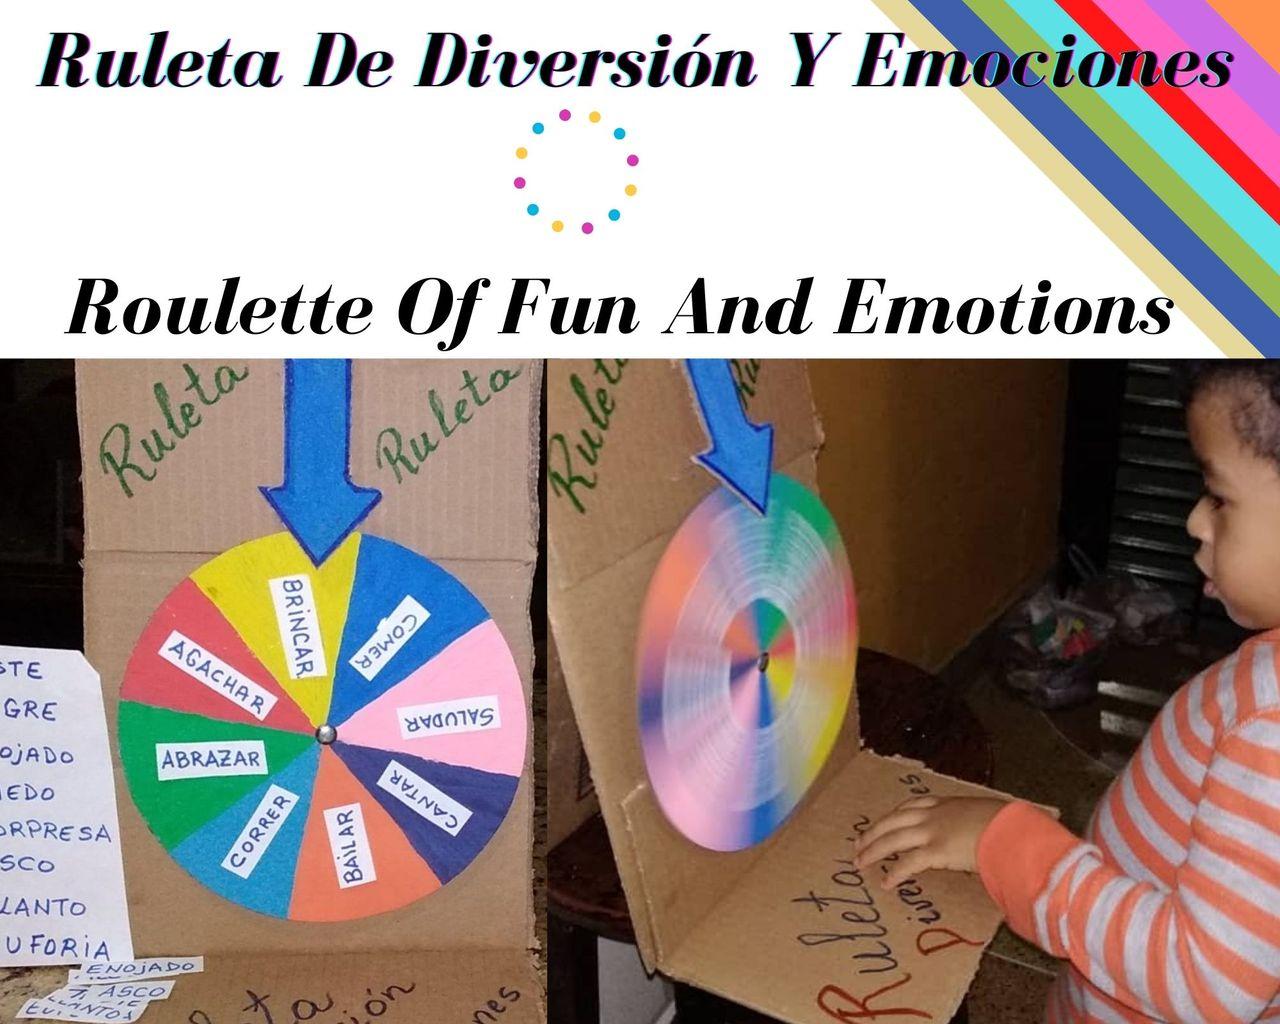 Ruleta De Diversión Y Emociones.jpg